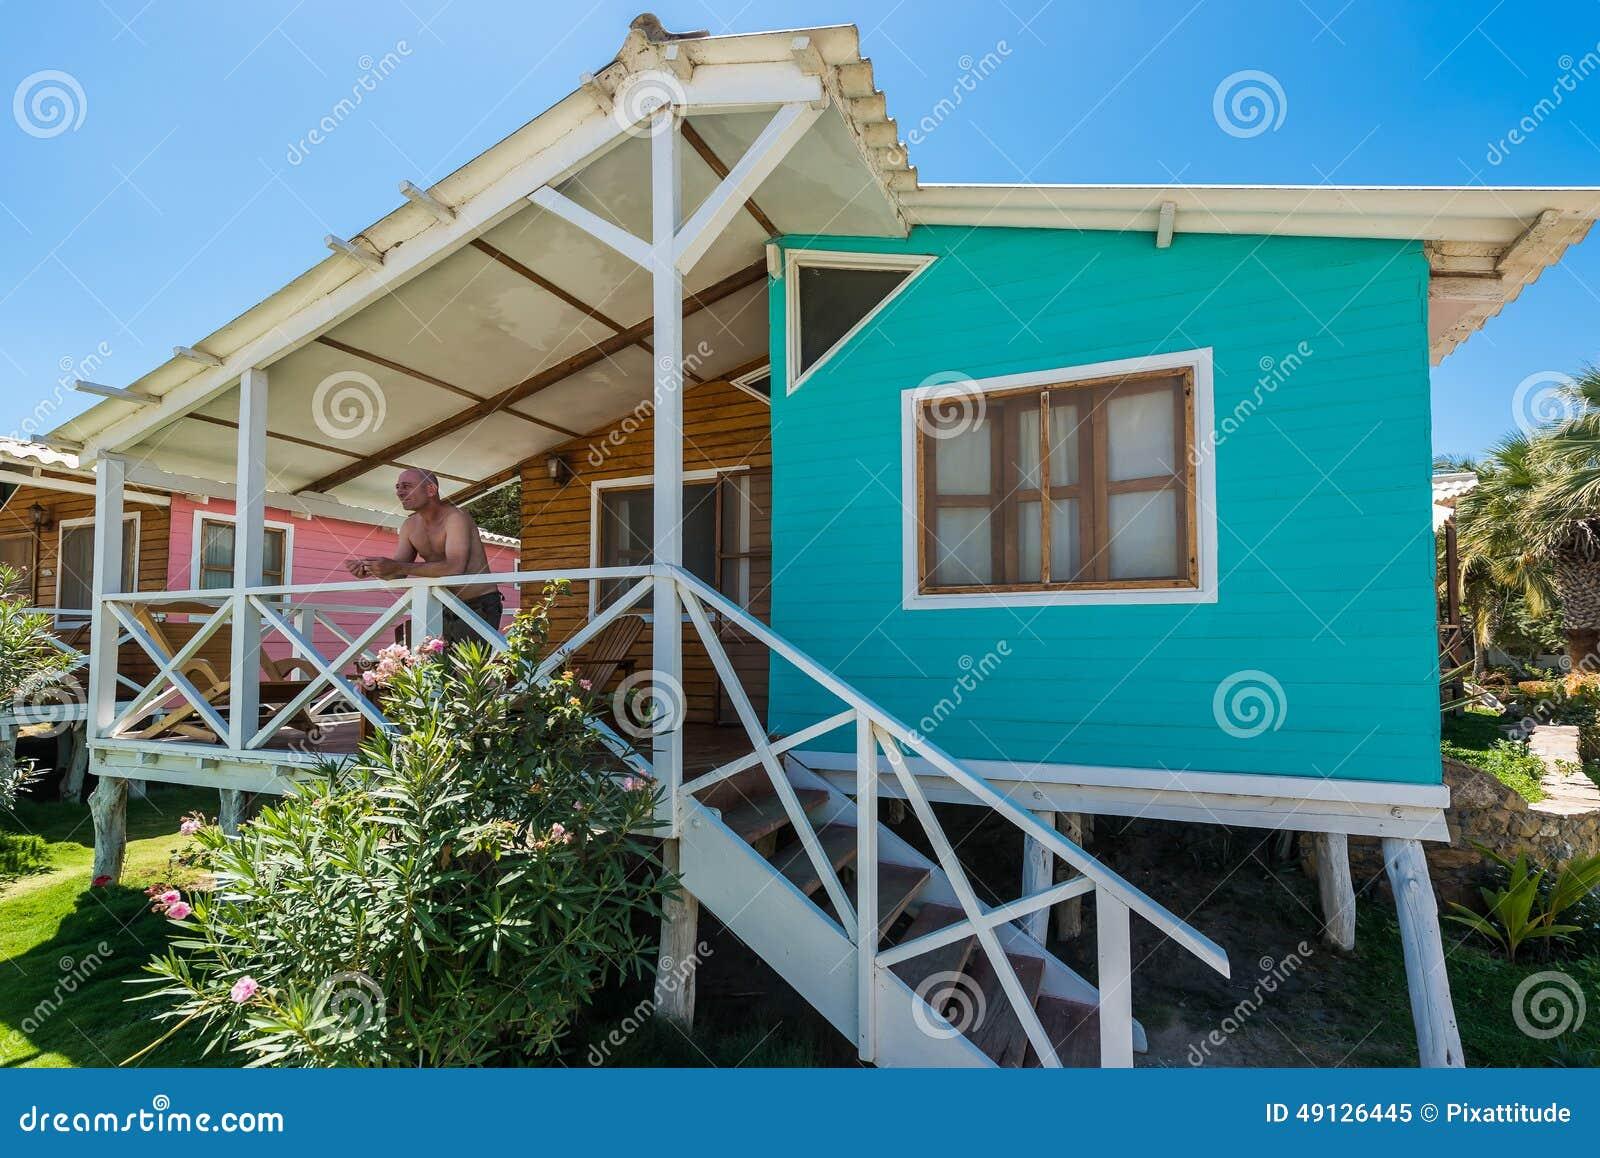 Uomo al portico della casa di spiaggia nella costa for Disegno della casa sulla spiaggia